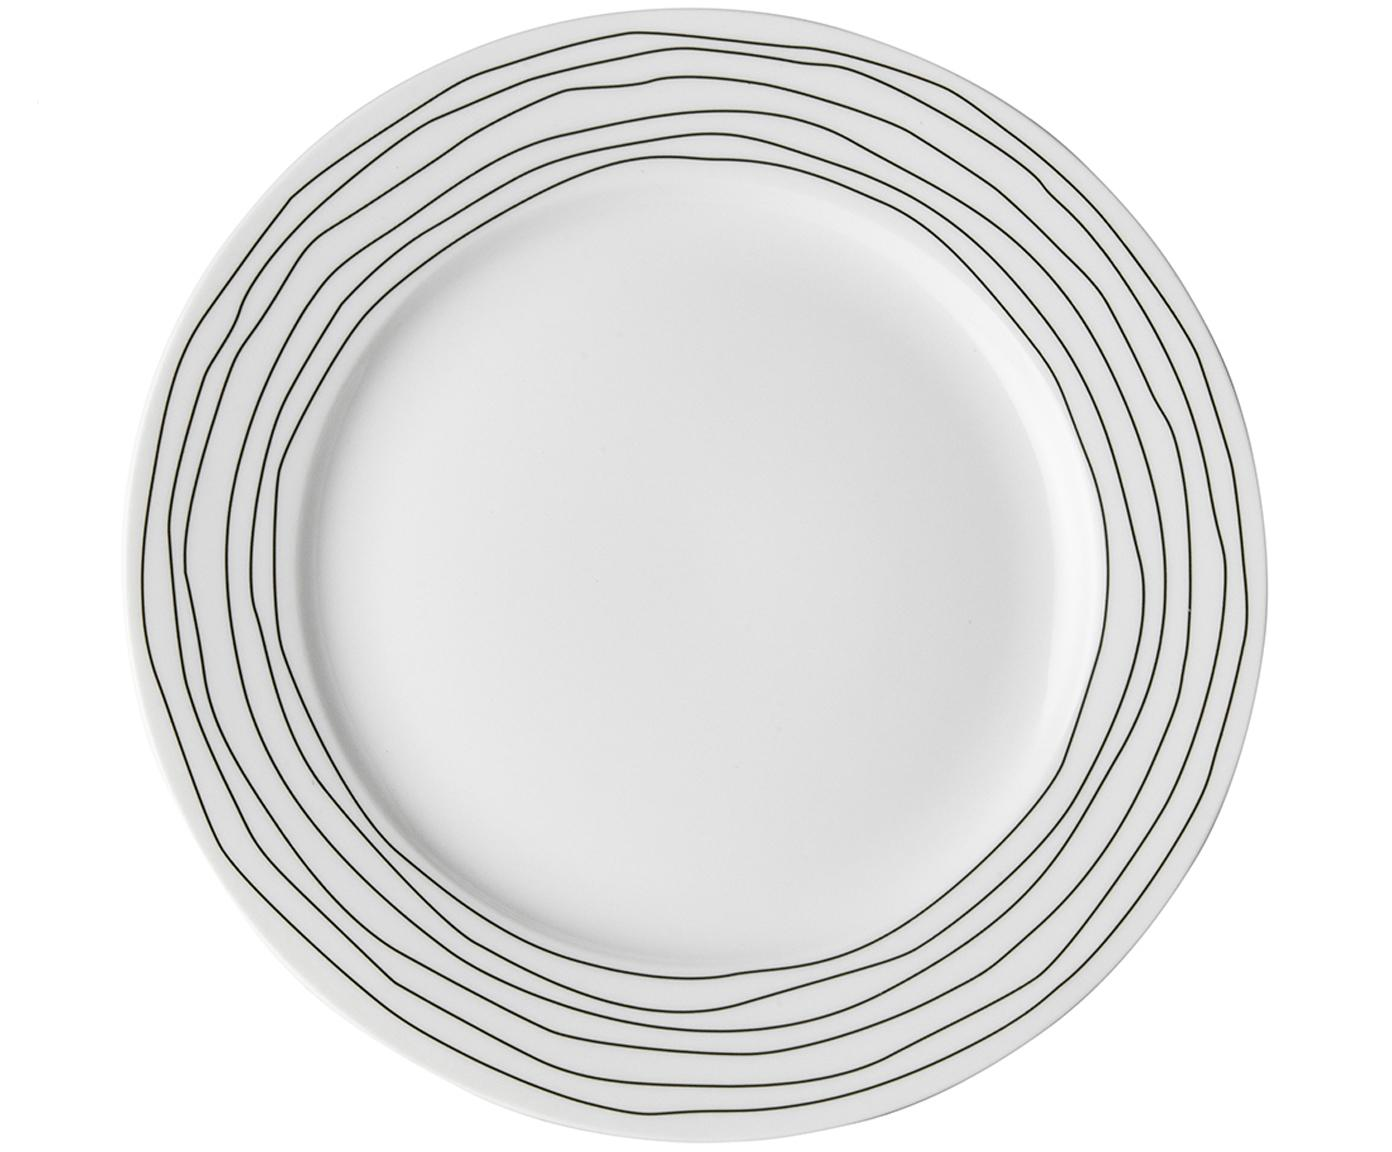 Frühstücksteller Eris Loft mit Liniendekor, 4 Stück, Porzellan, Weiß, Schwarz, Ø 21 x H 2 cm